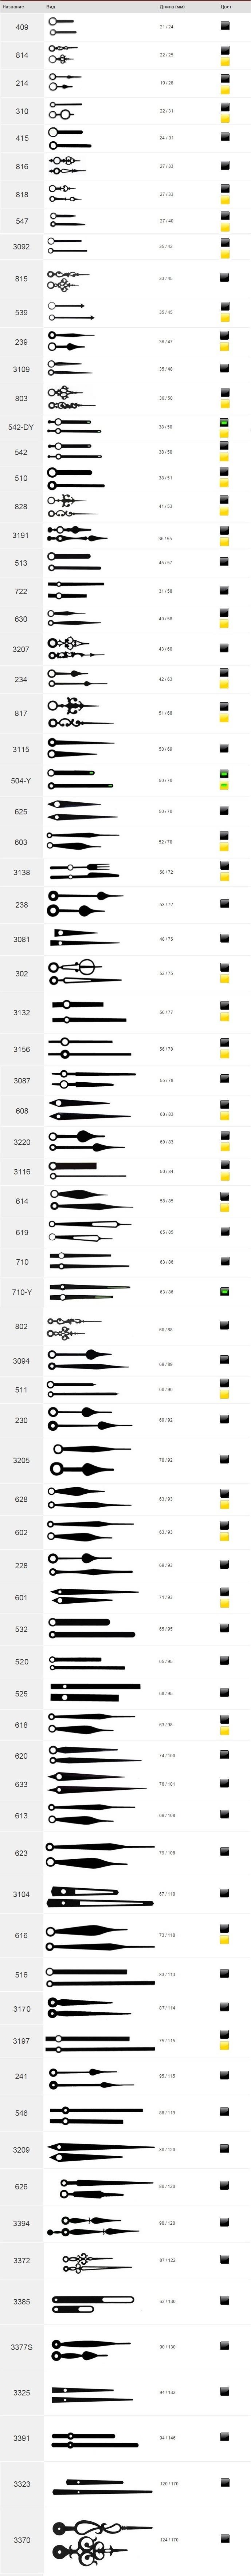 Часовые и минутные стрелки для настенных часов